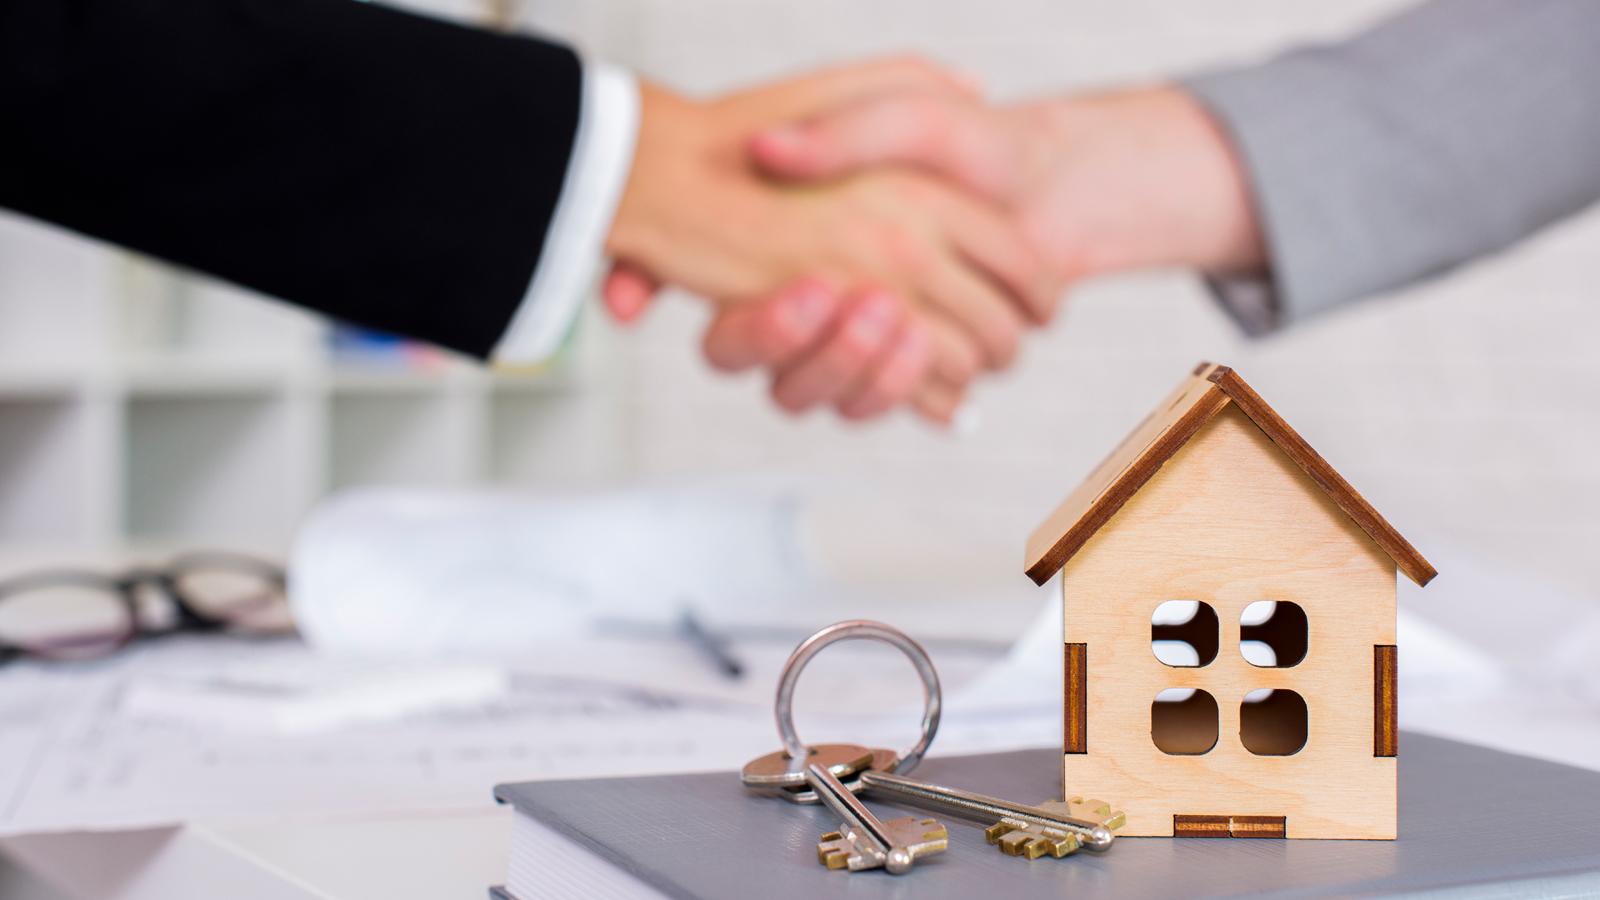 Tham khảo bản mẫu hợp đồng trao đổi nhà ở cá nhân chi tiết nhất - Ảnh 2.